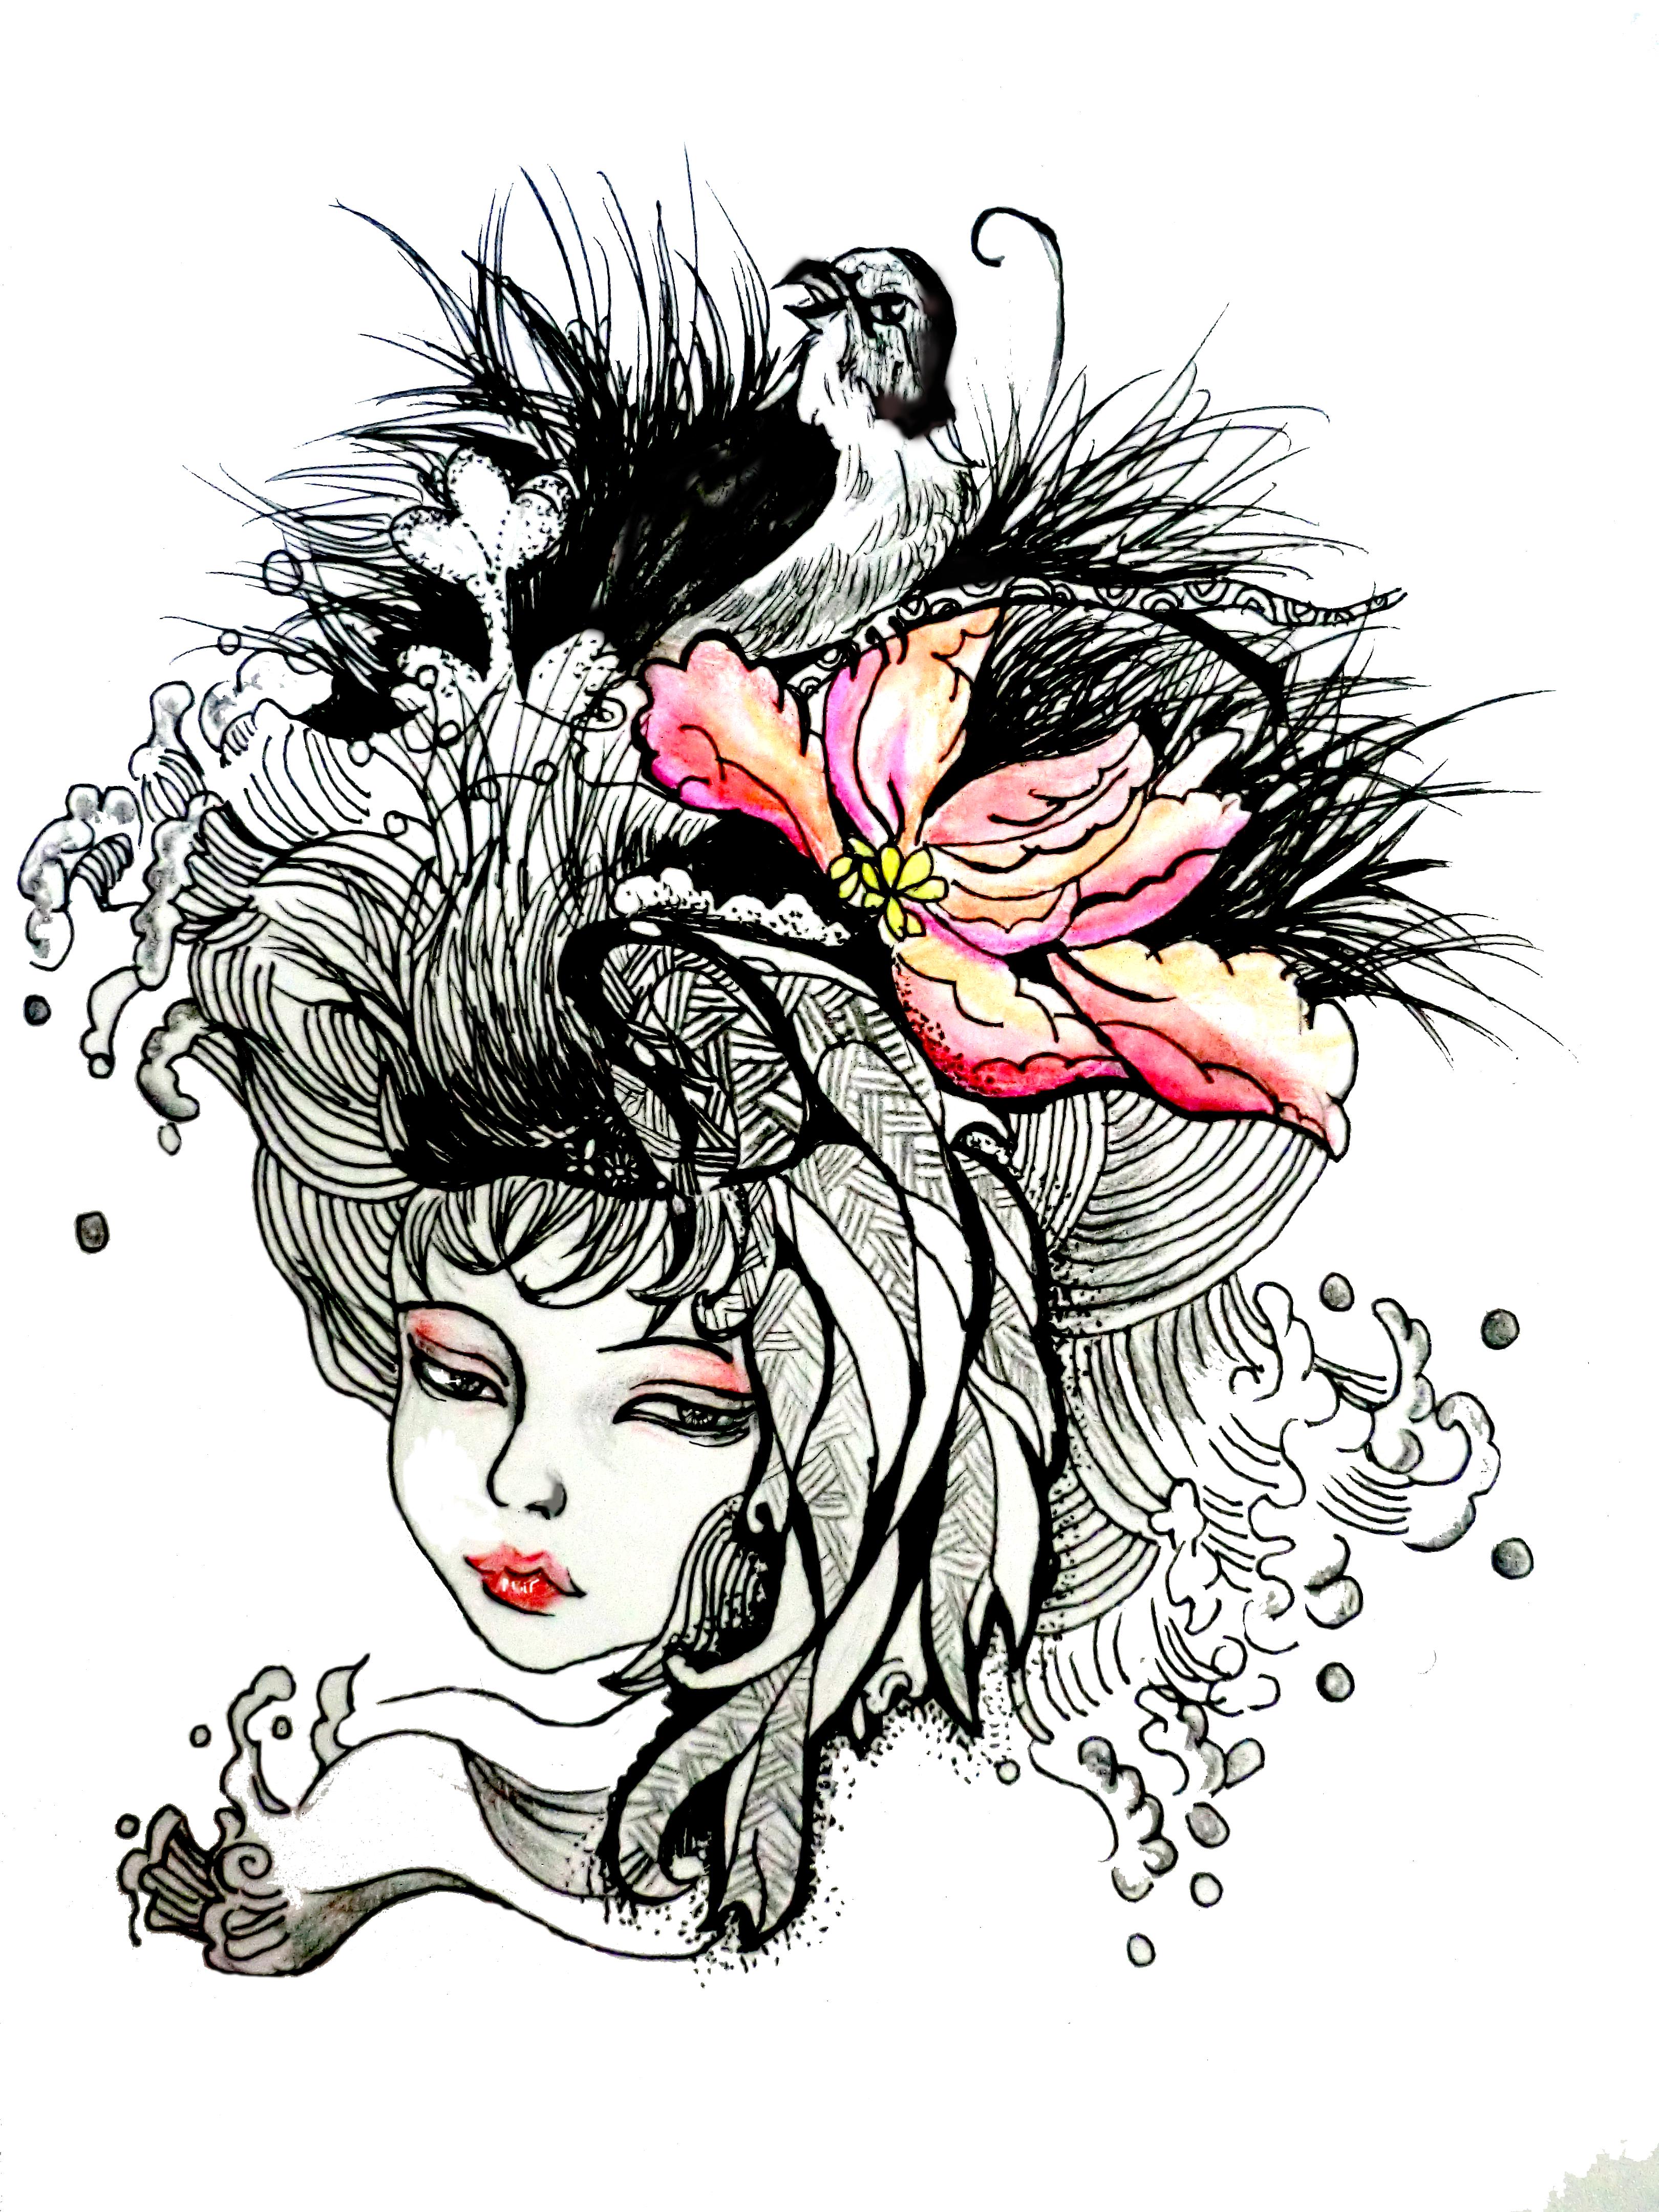 手绘插画|插画|商业插画|刘蕊w - 原创作品 - 站酷